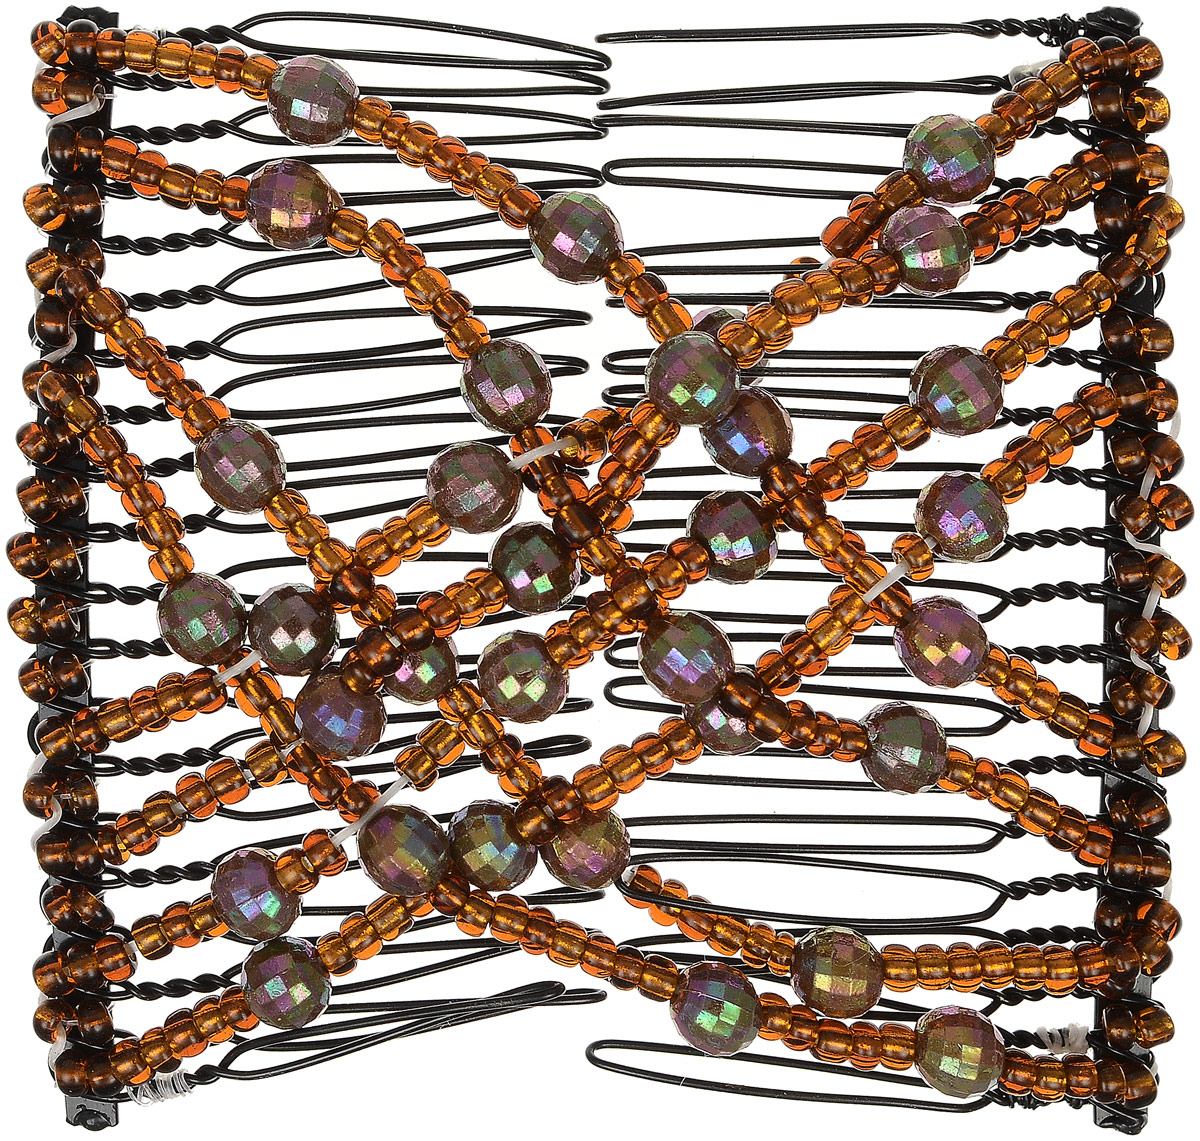 EZ-Combs Заколка Изи-Комбс, одинарная, цвет: коричневый. ЗИО_перламутр ez combs заколка изи комбс одинарная цвет коричневый зио цветок с серебром